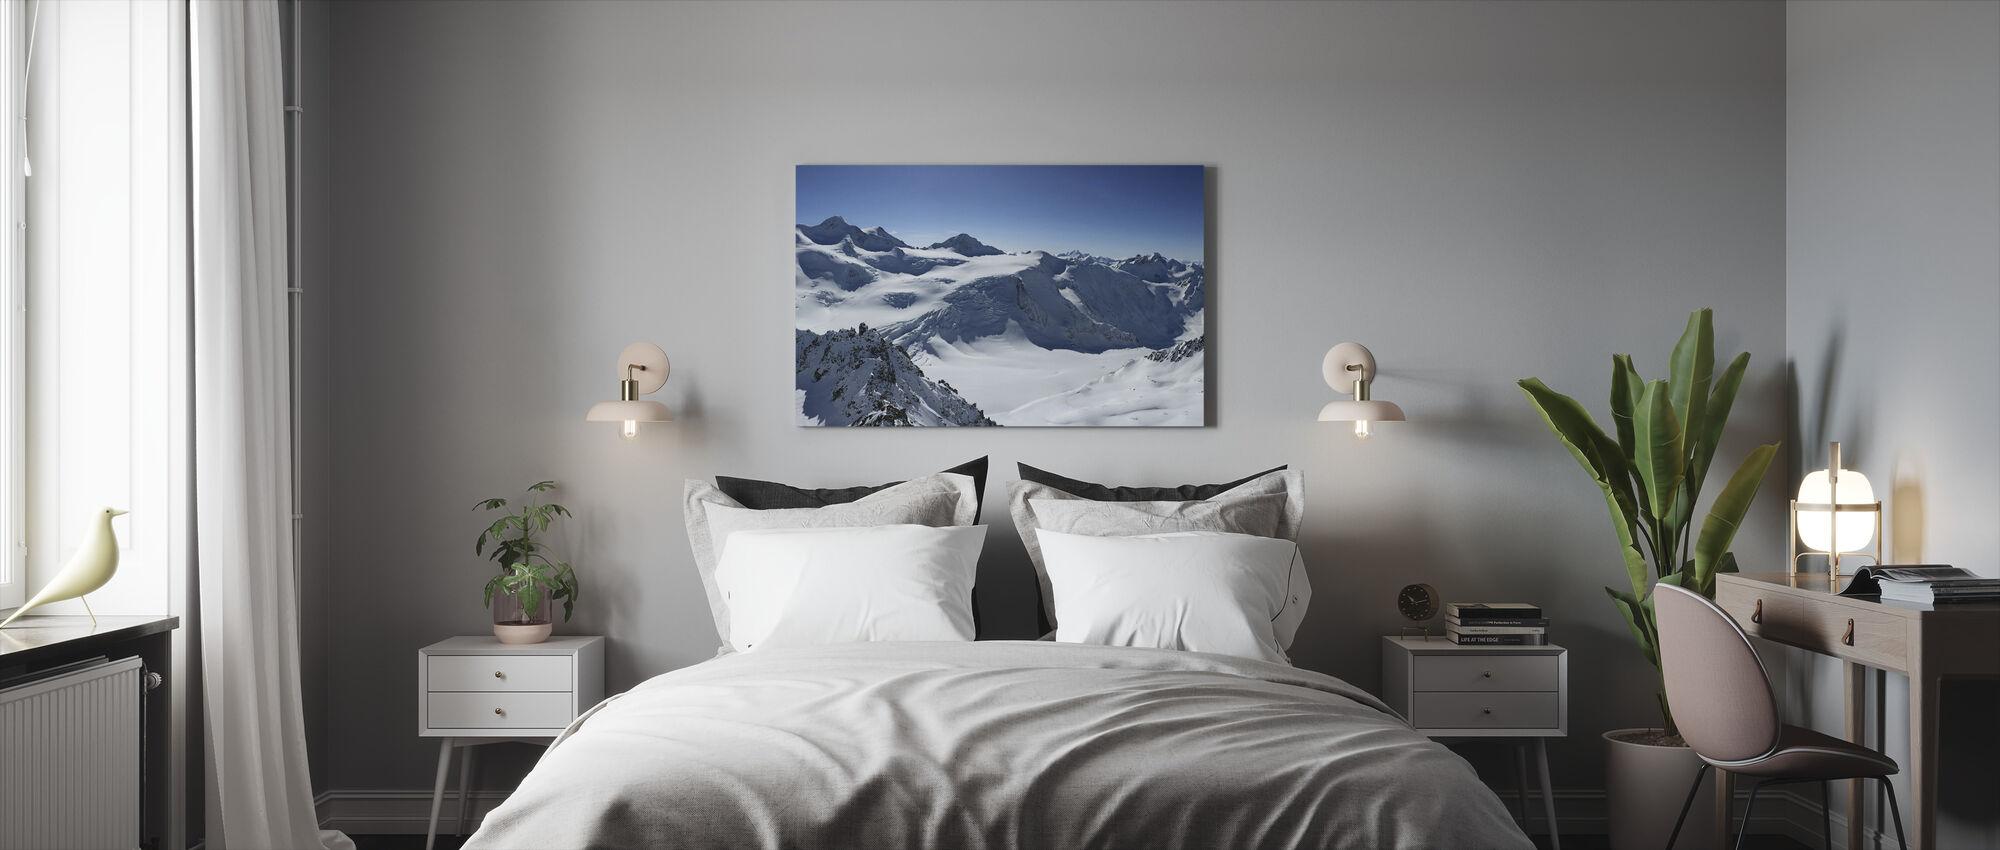 Sommet de la montagne - Impression sur toile - Chambre